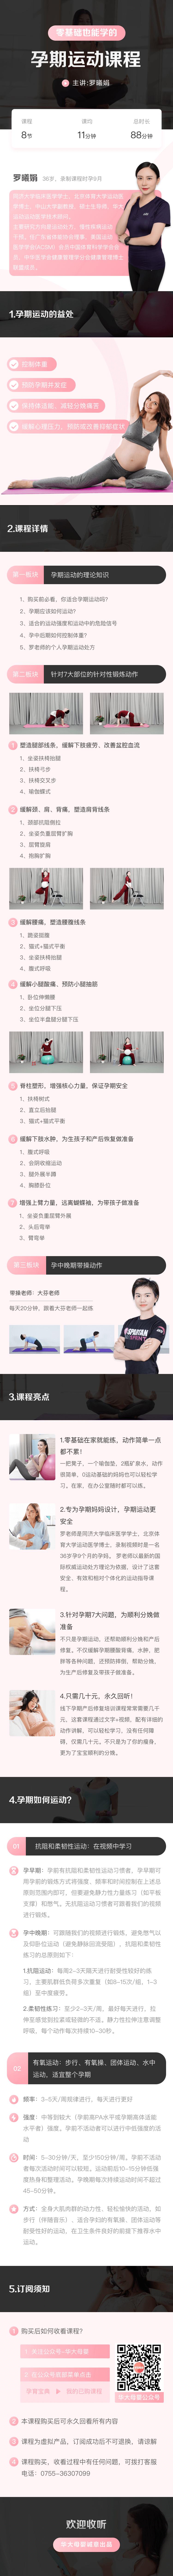 孕期运动课-详情页.png